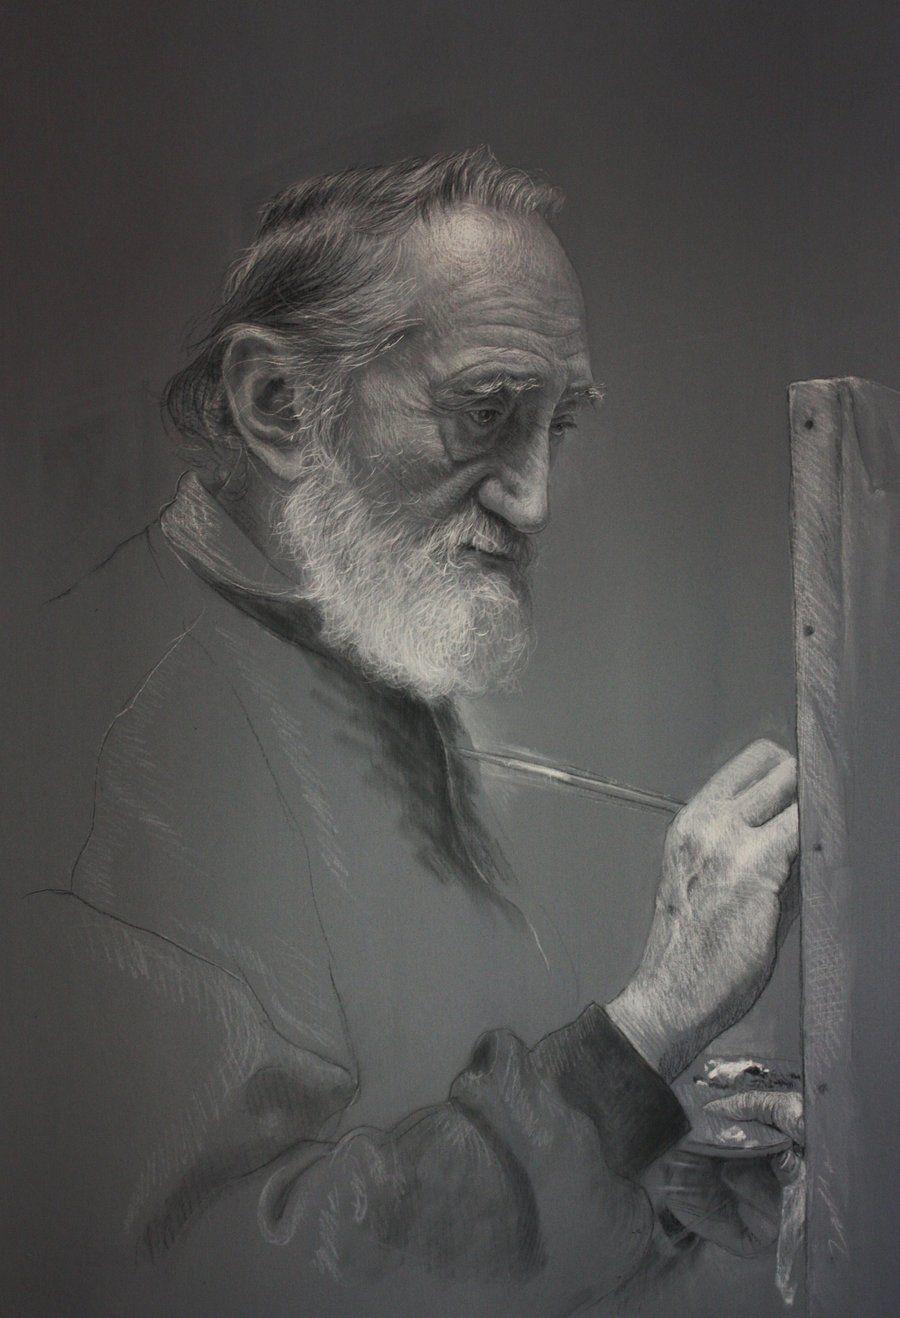 El maestro en su studio, pastel sobre carton.  100 x 70 cms... drawing by Rubén Belloso